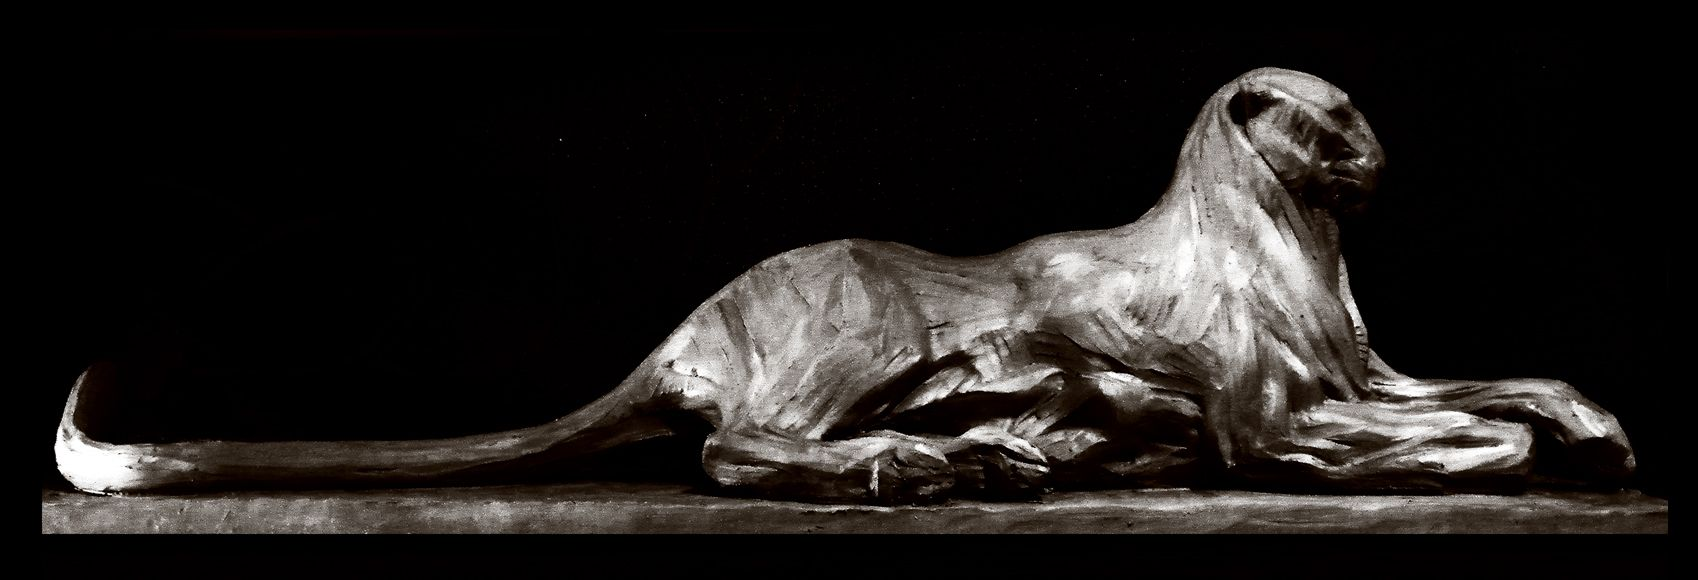 Jaguar V by thedoberman.deviantart.com on @deviantART